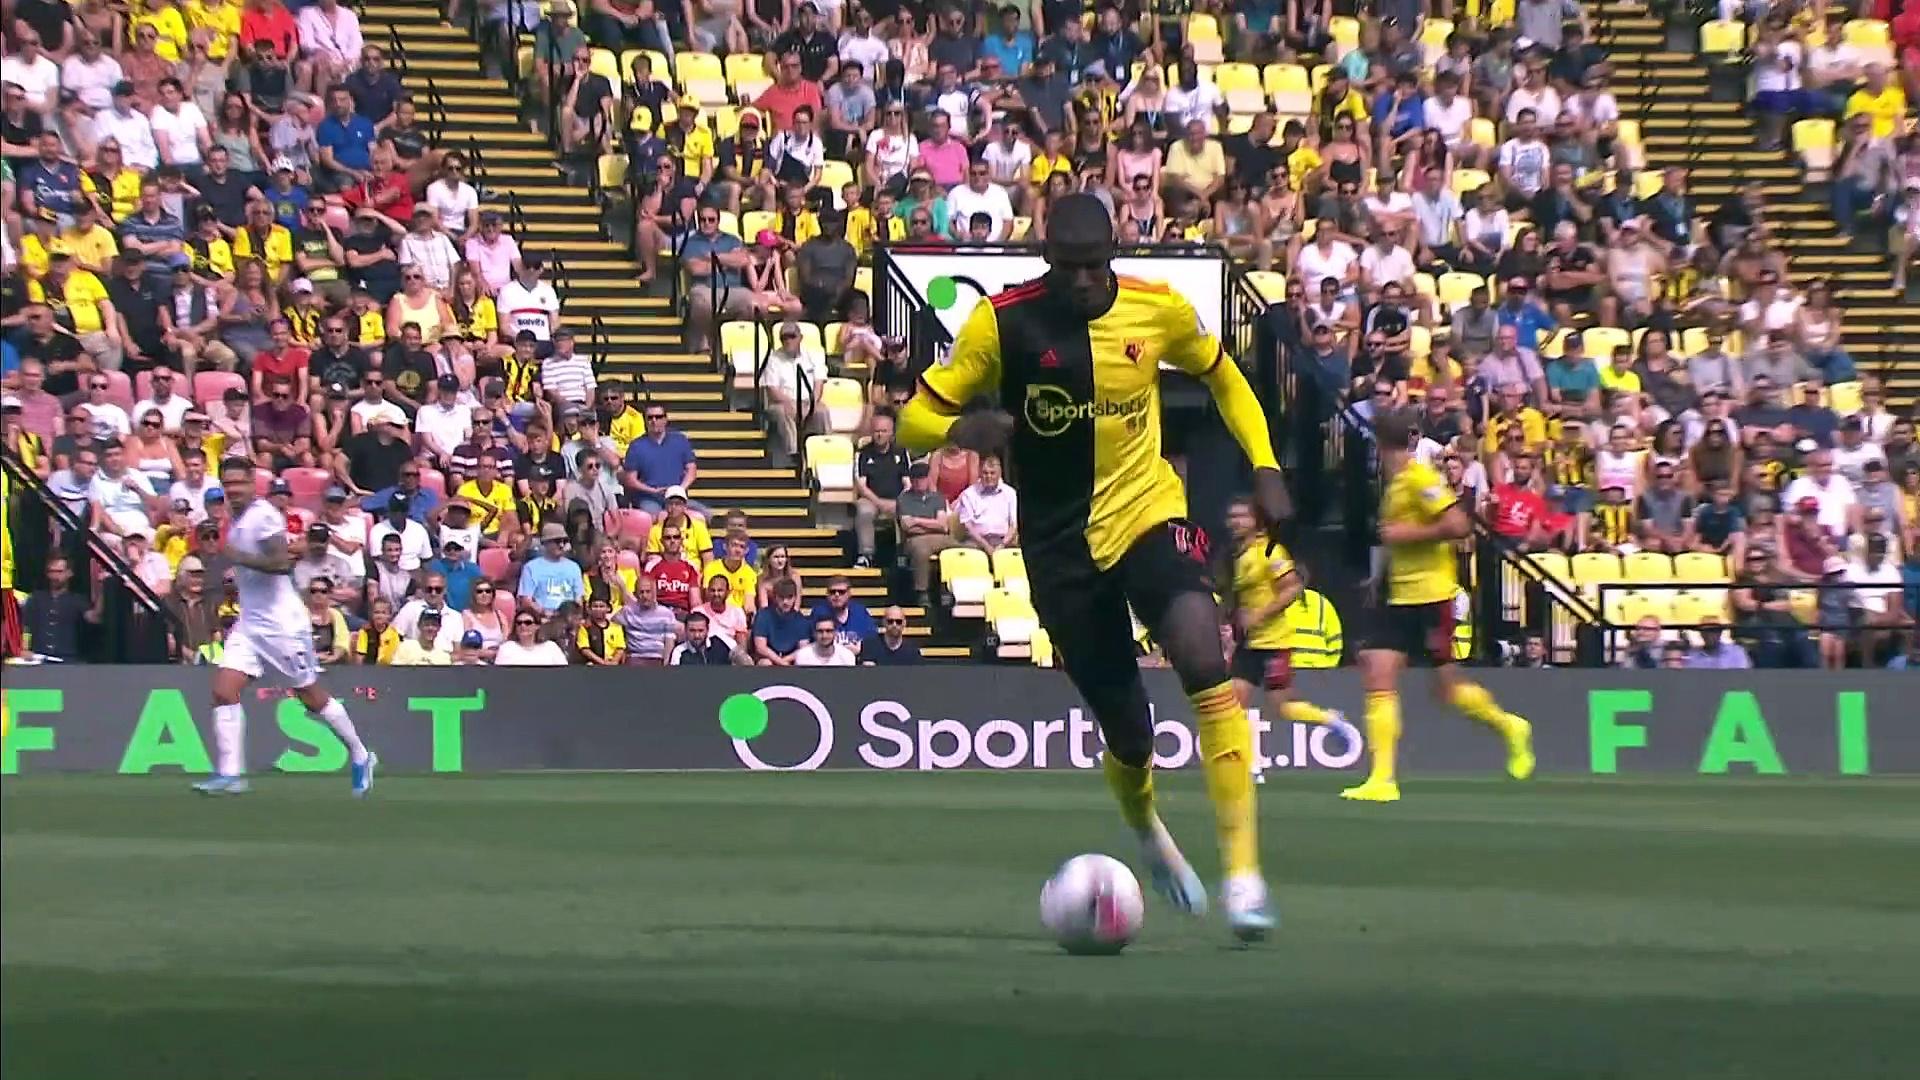 3. Hafta / Watford - West Ham: 1-3 (Özet)